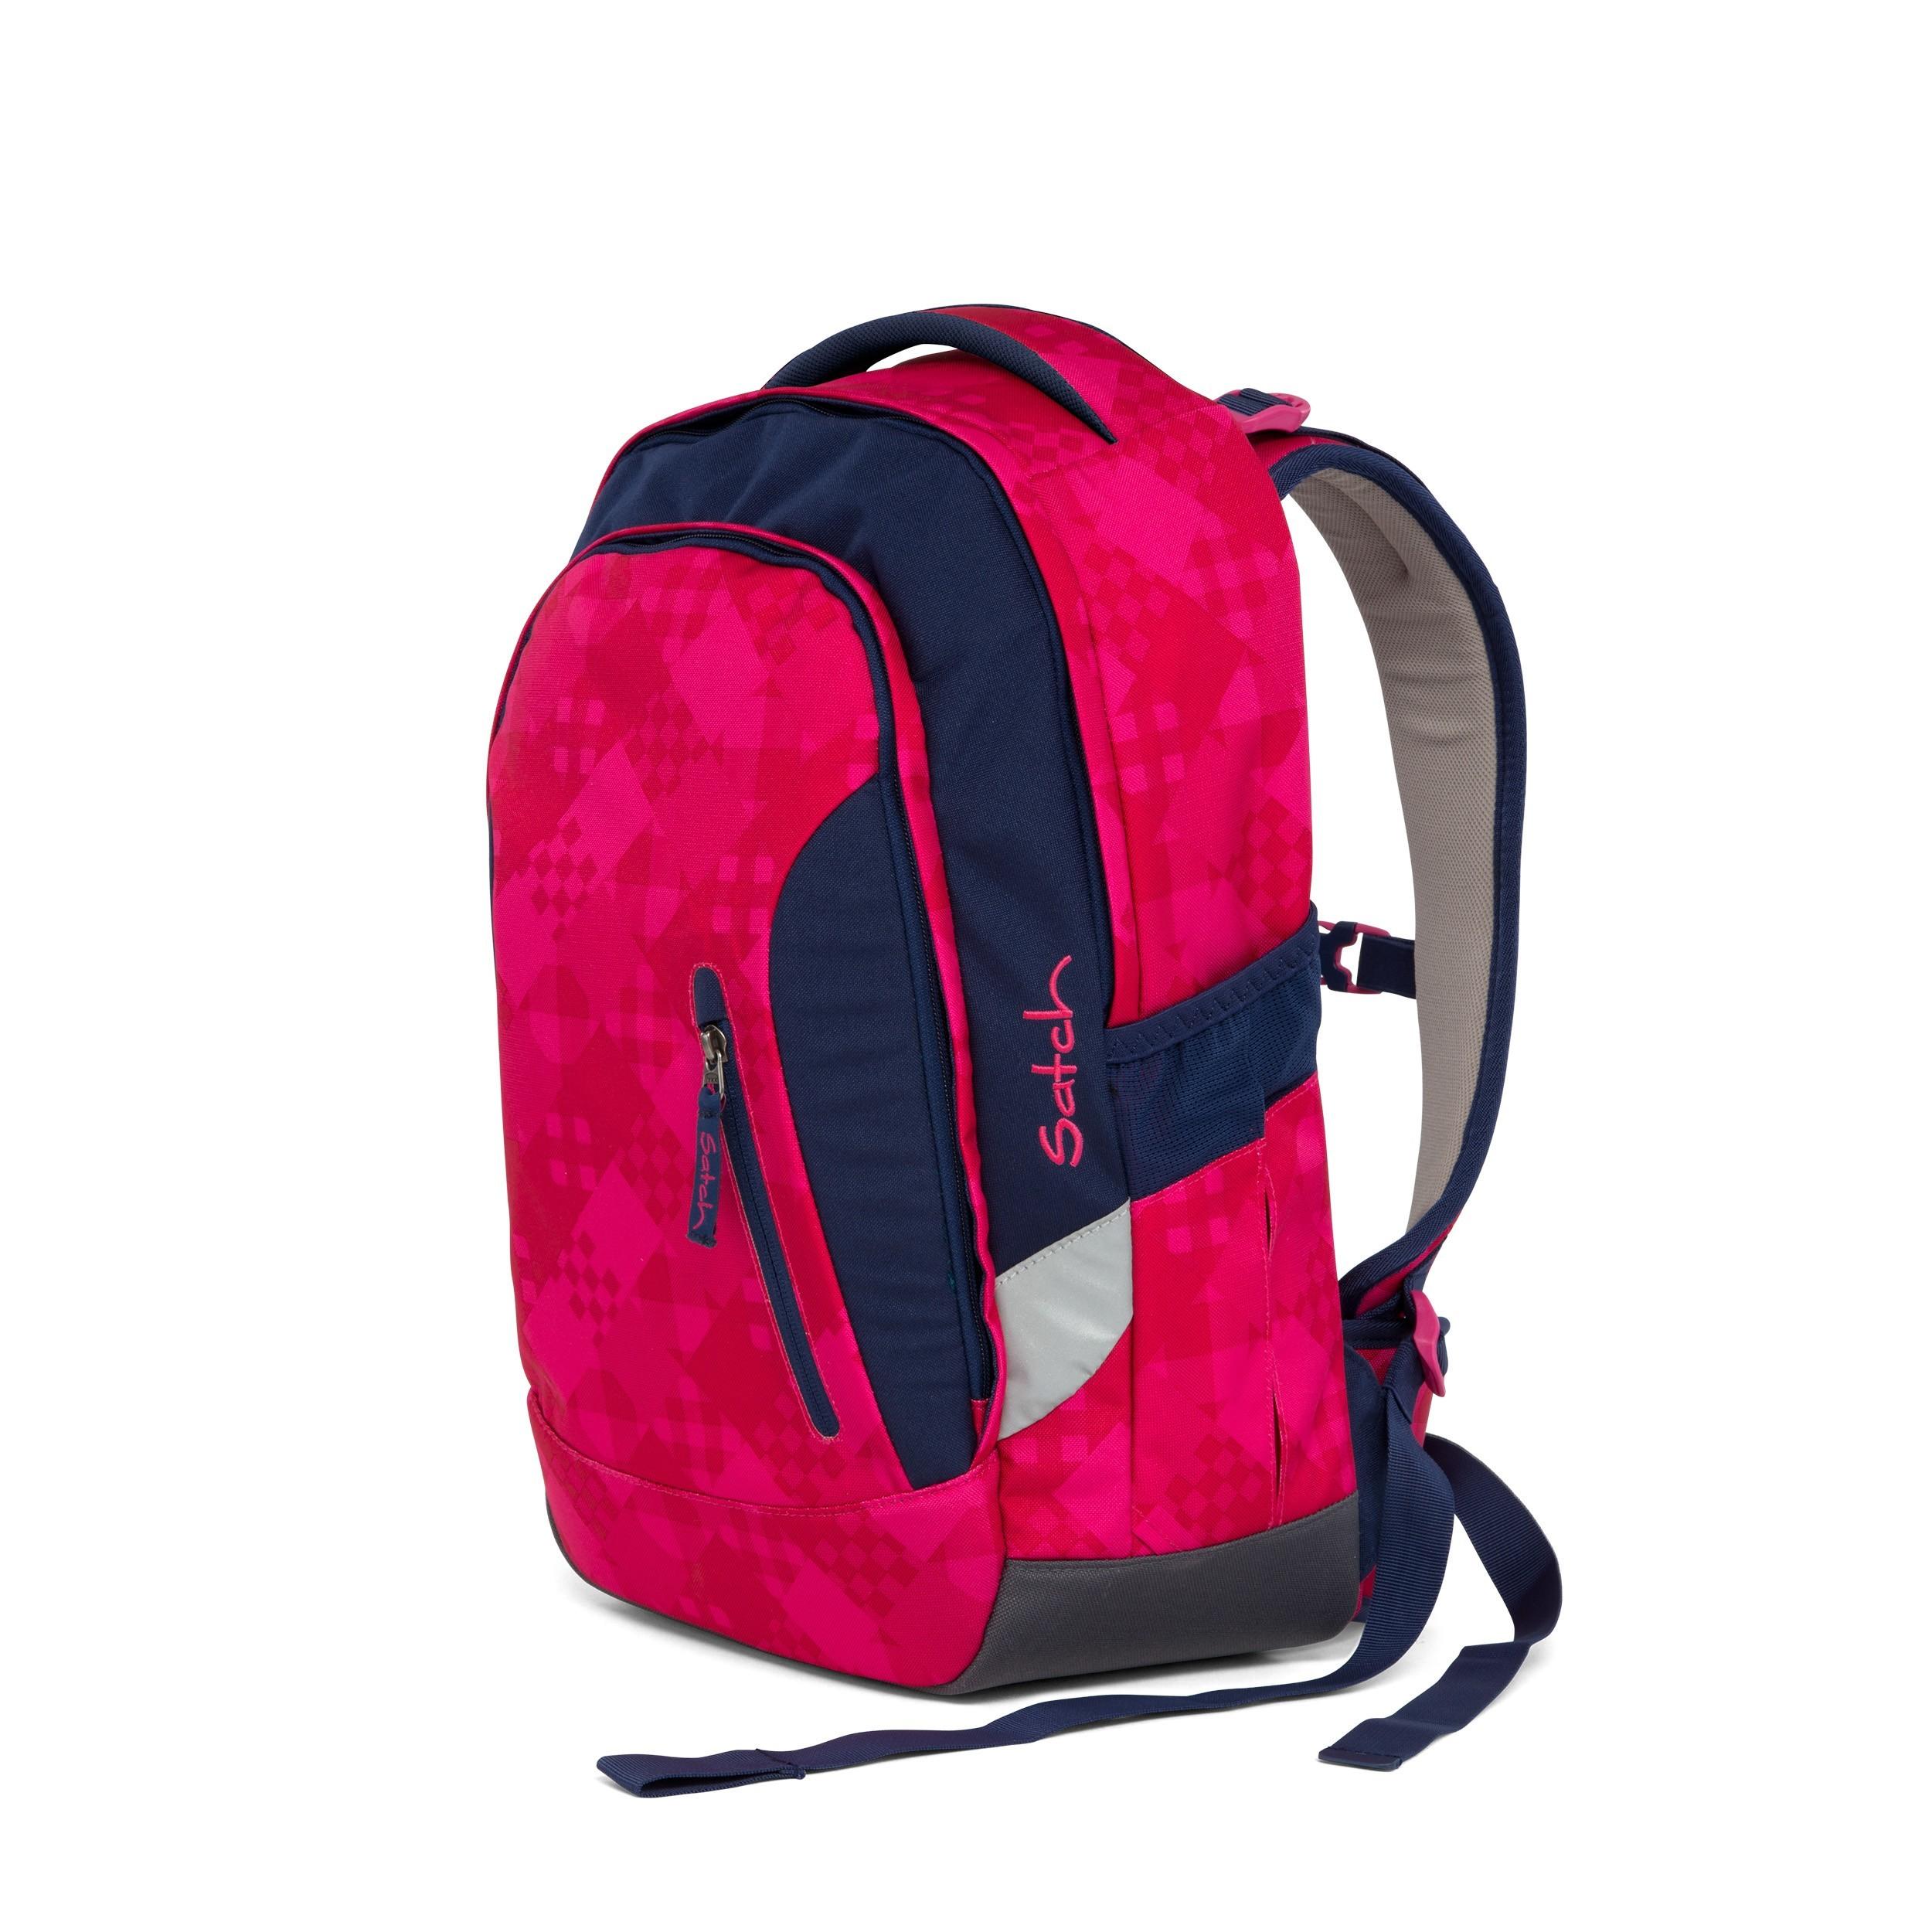 satch Sleek Rucksack Schulrucksack Rucksack Tasche Cherry Checks Pink Blau Neu